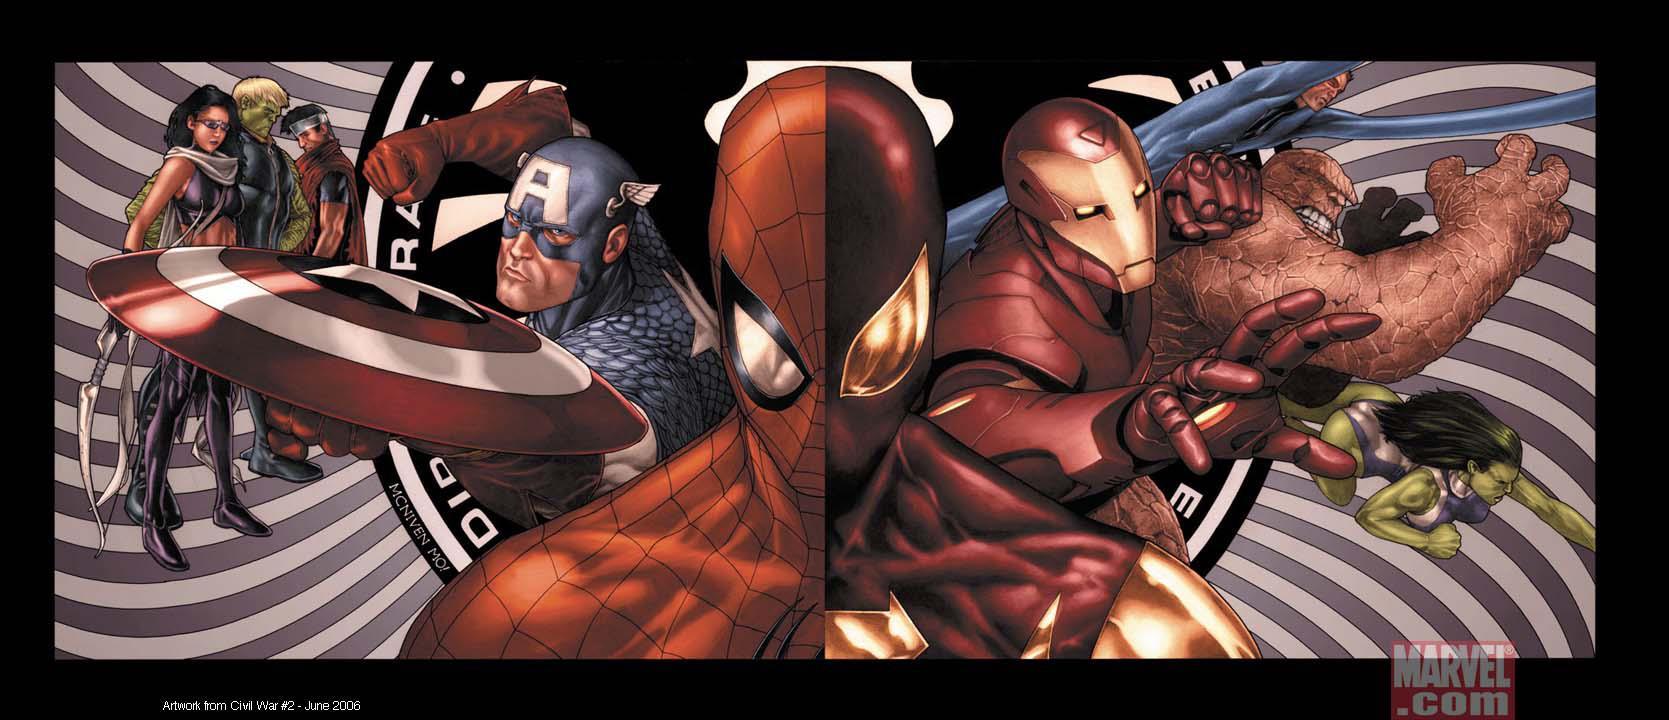 La cover di uno dei volumi di Civil War con Spider-Man